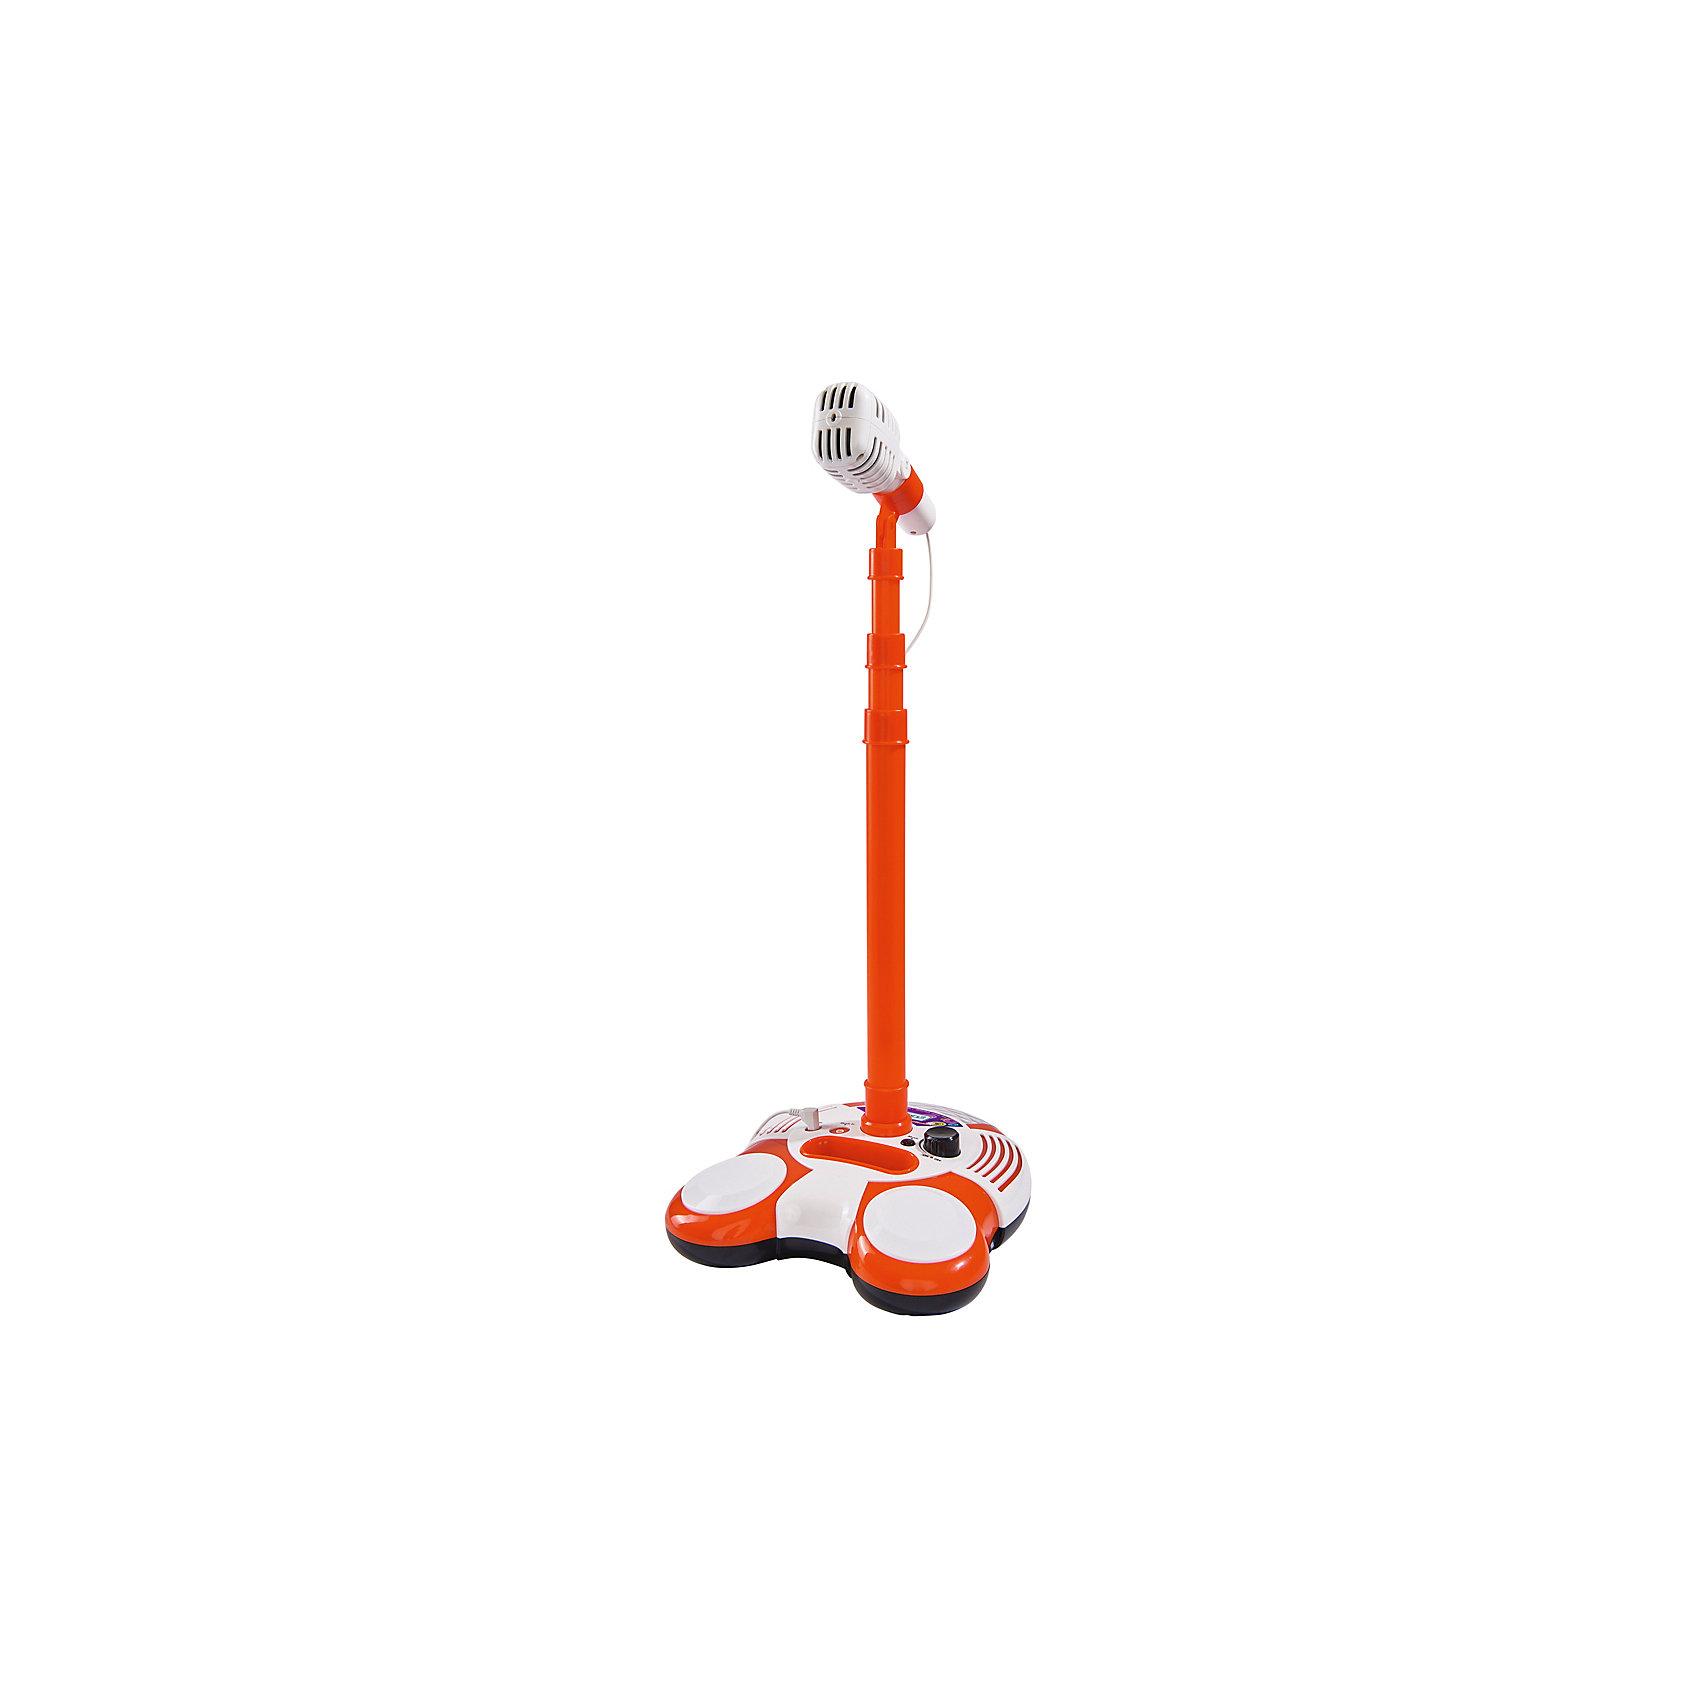 Микрофон на стойке, совместимый с mp3, 102 см, SimbaМузыкальные инструменты и игрушки<br><br><br>Ширина мм: 100<br>Глубина мм: 250<br>Высота мм: 360<br>Вес г: 870<br>Возраст от месяцев: 72<br>Возраст до месяцев: 108<br>Пол: Унисекс<br>Возраст: Детский<br>SKU: 5613513